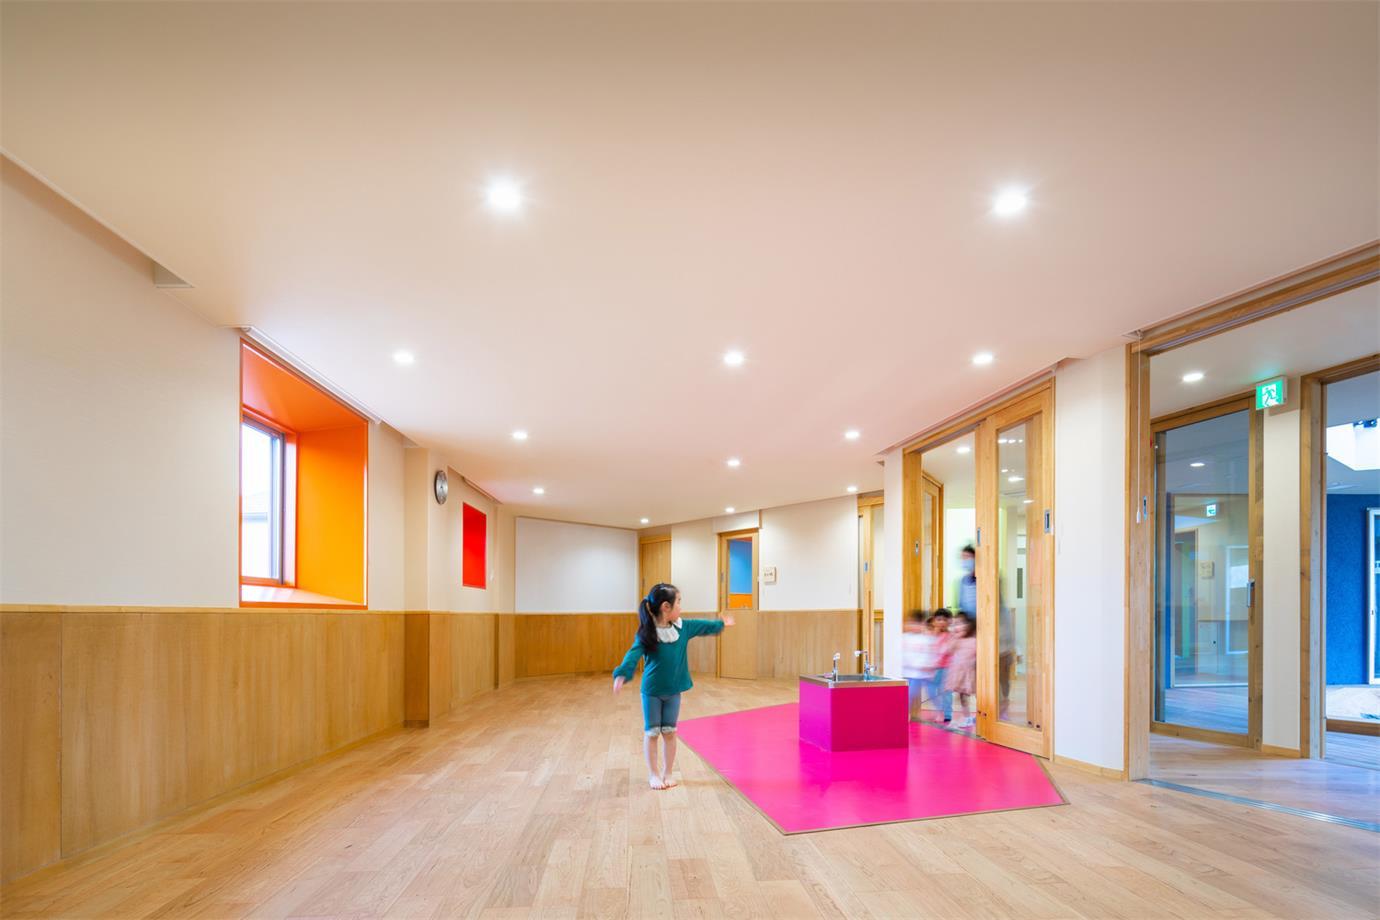 幼儿园活动室地面和天花设计